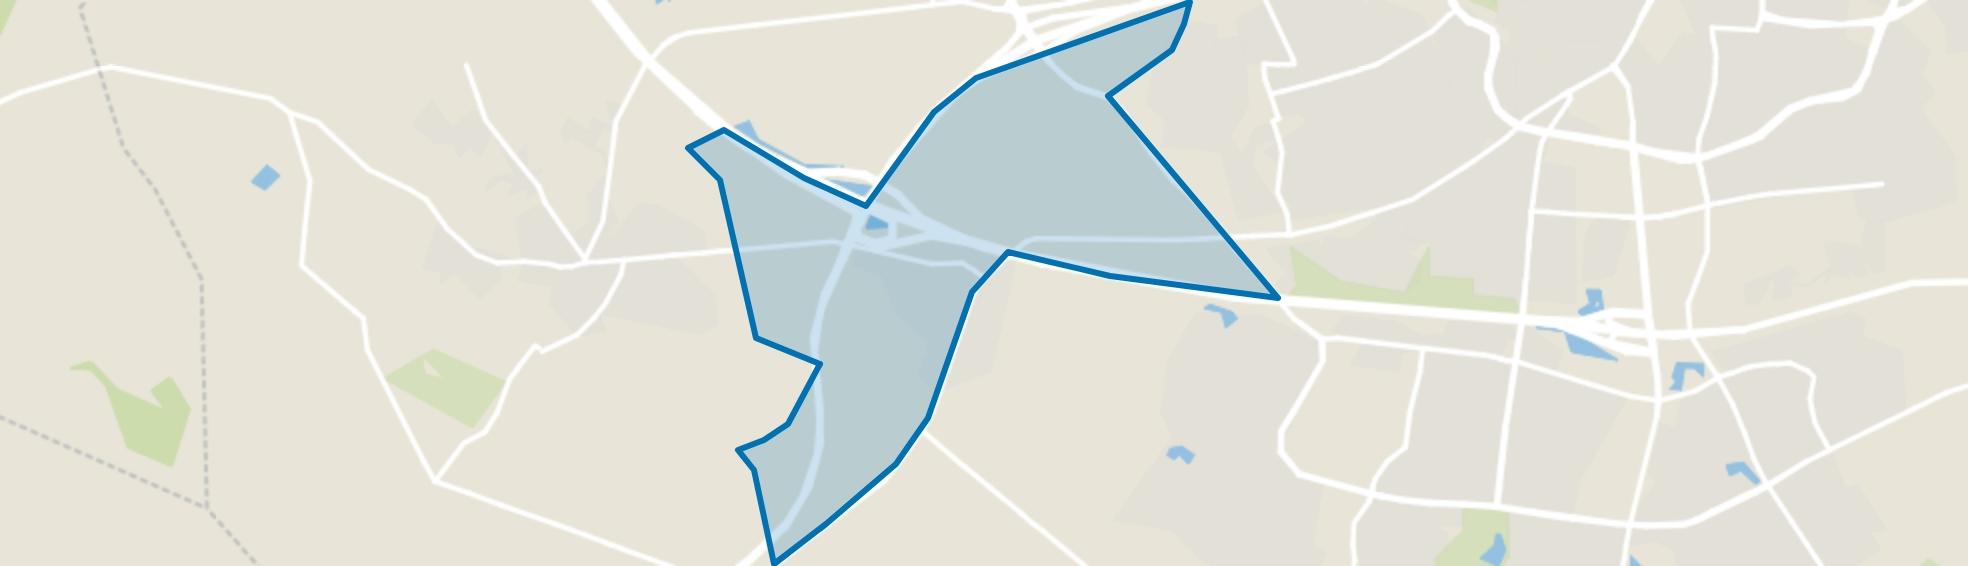 Buurtschap Usselo, Enschede map